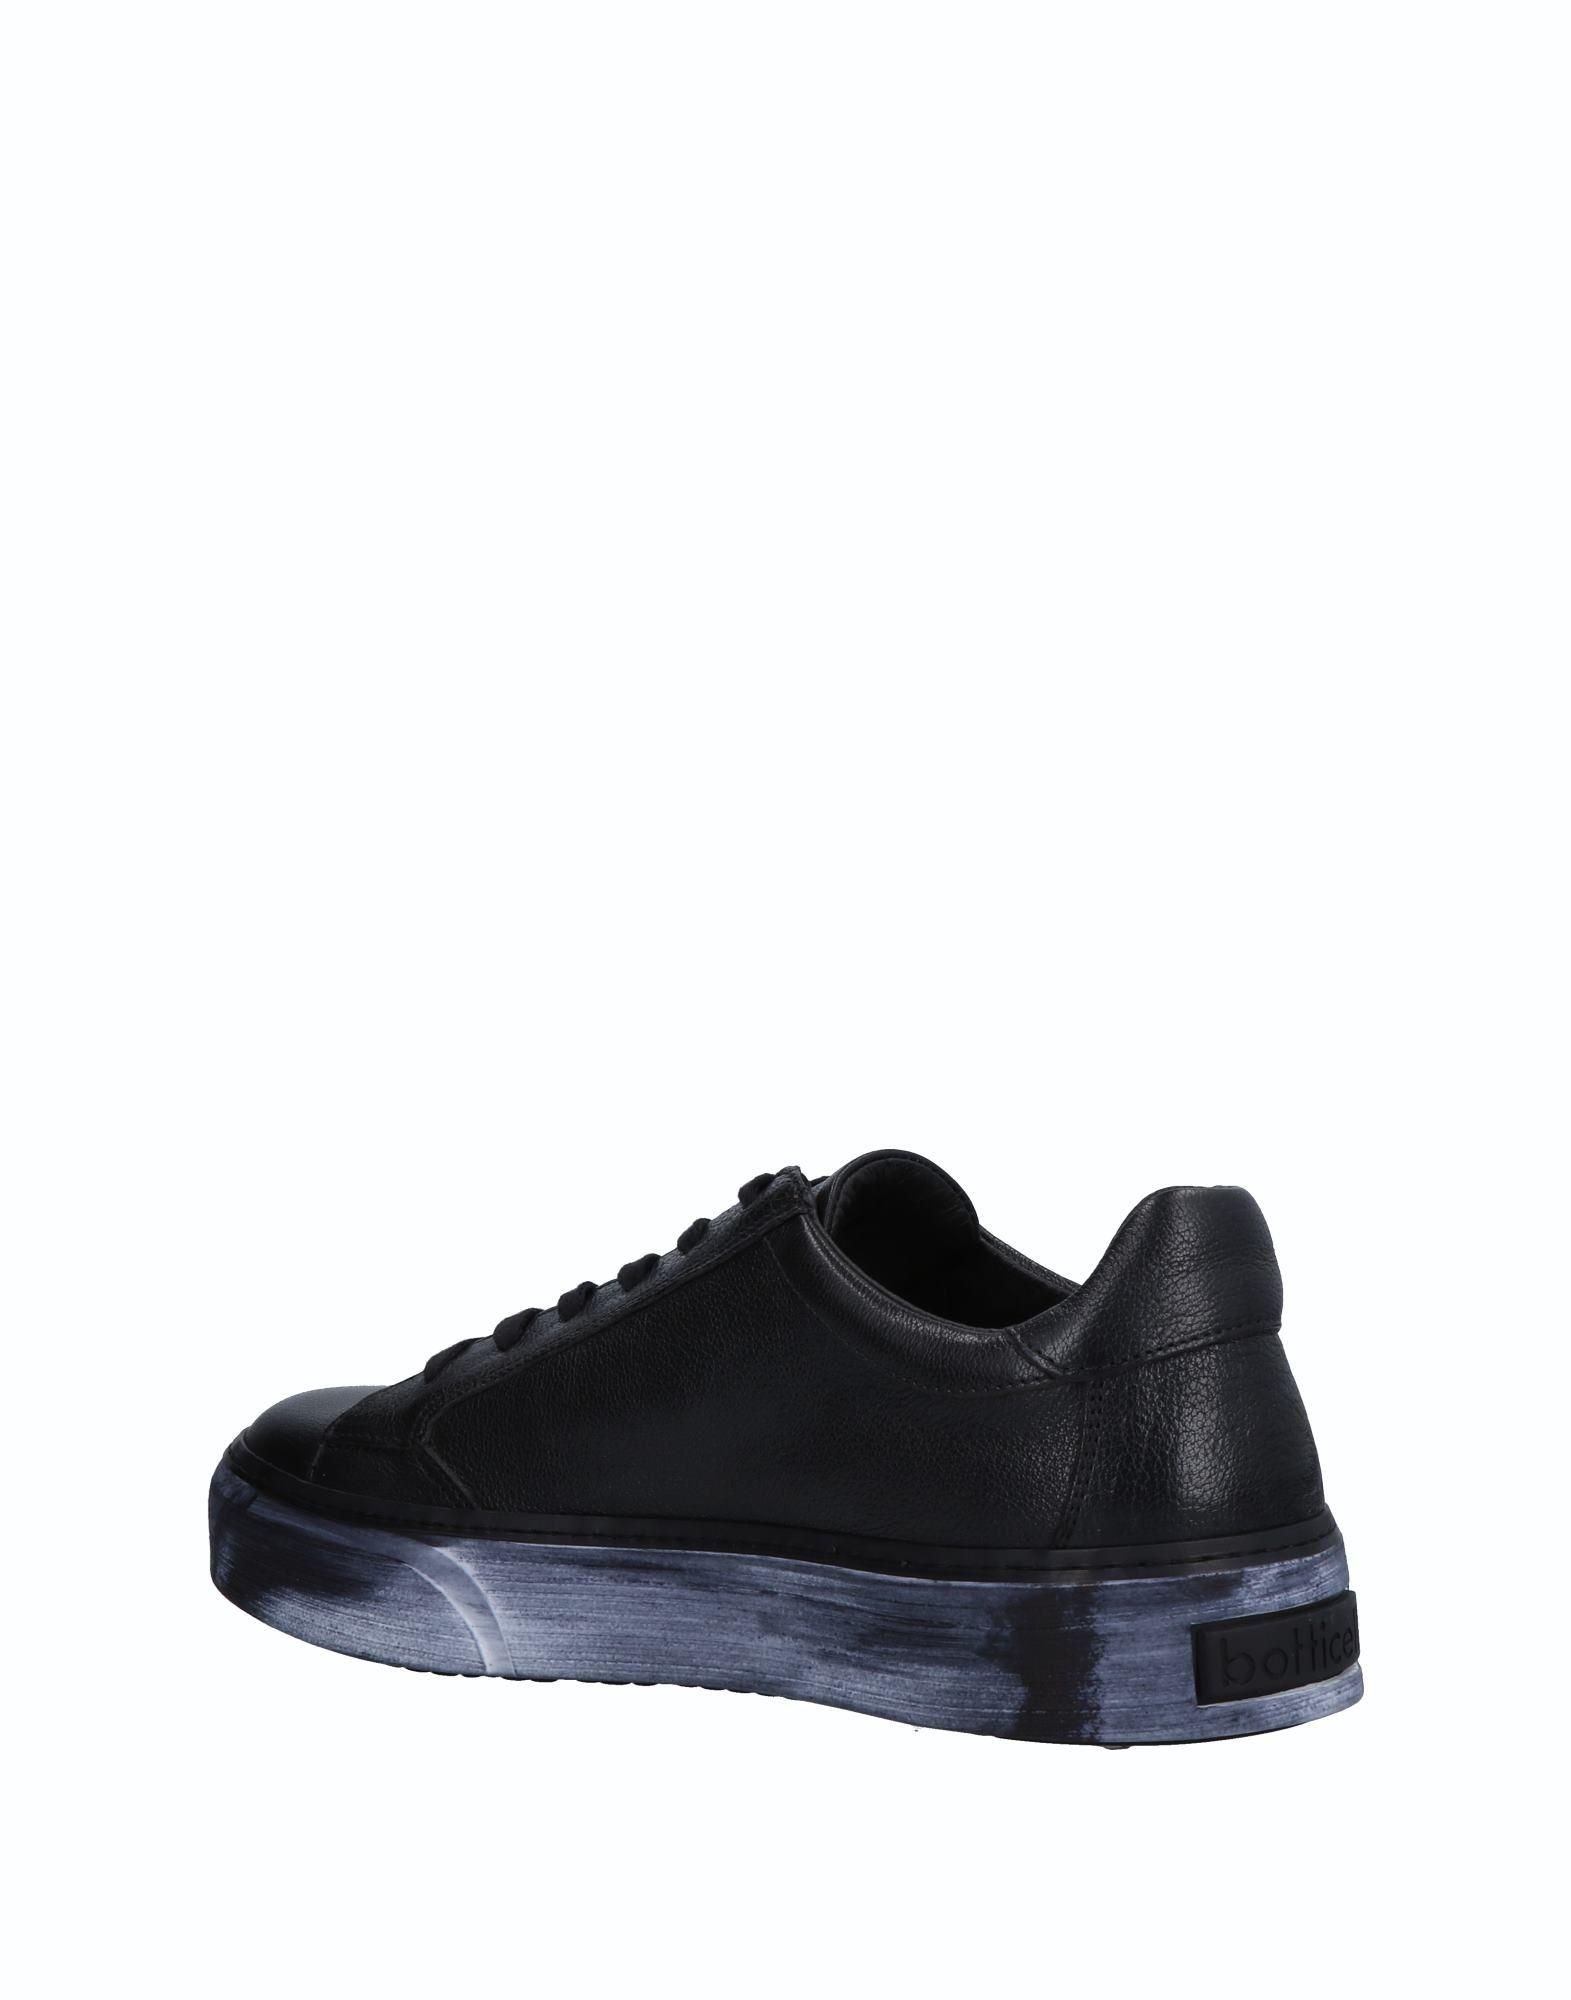 Botticelli Limited Gute Sneakers Herren  11515466VI Gute Limited Qualität beliebte Schuhe edbec9